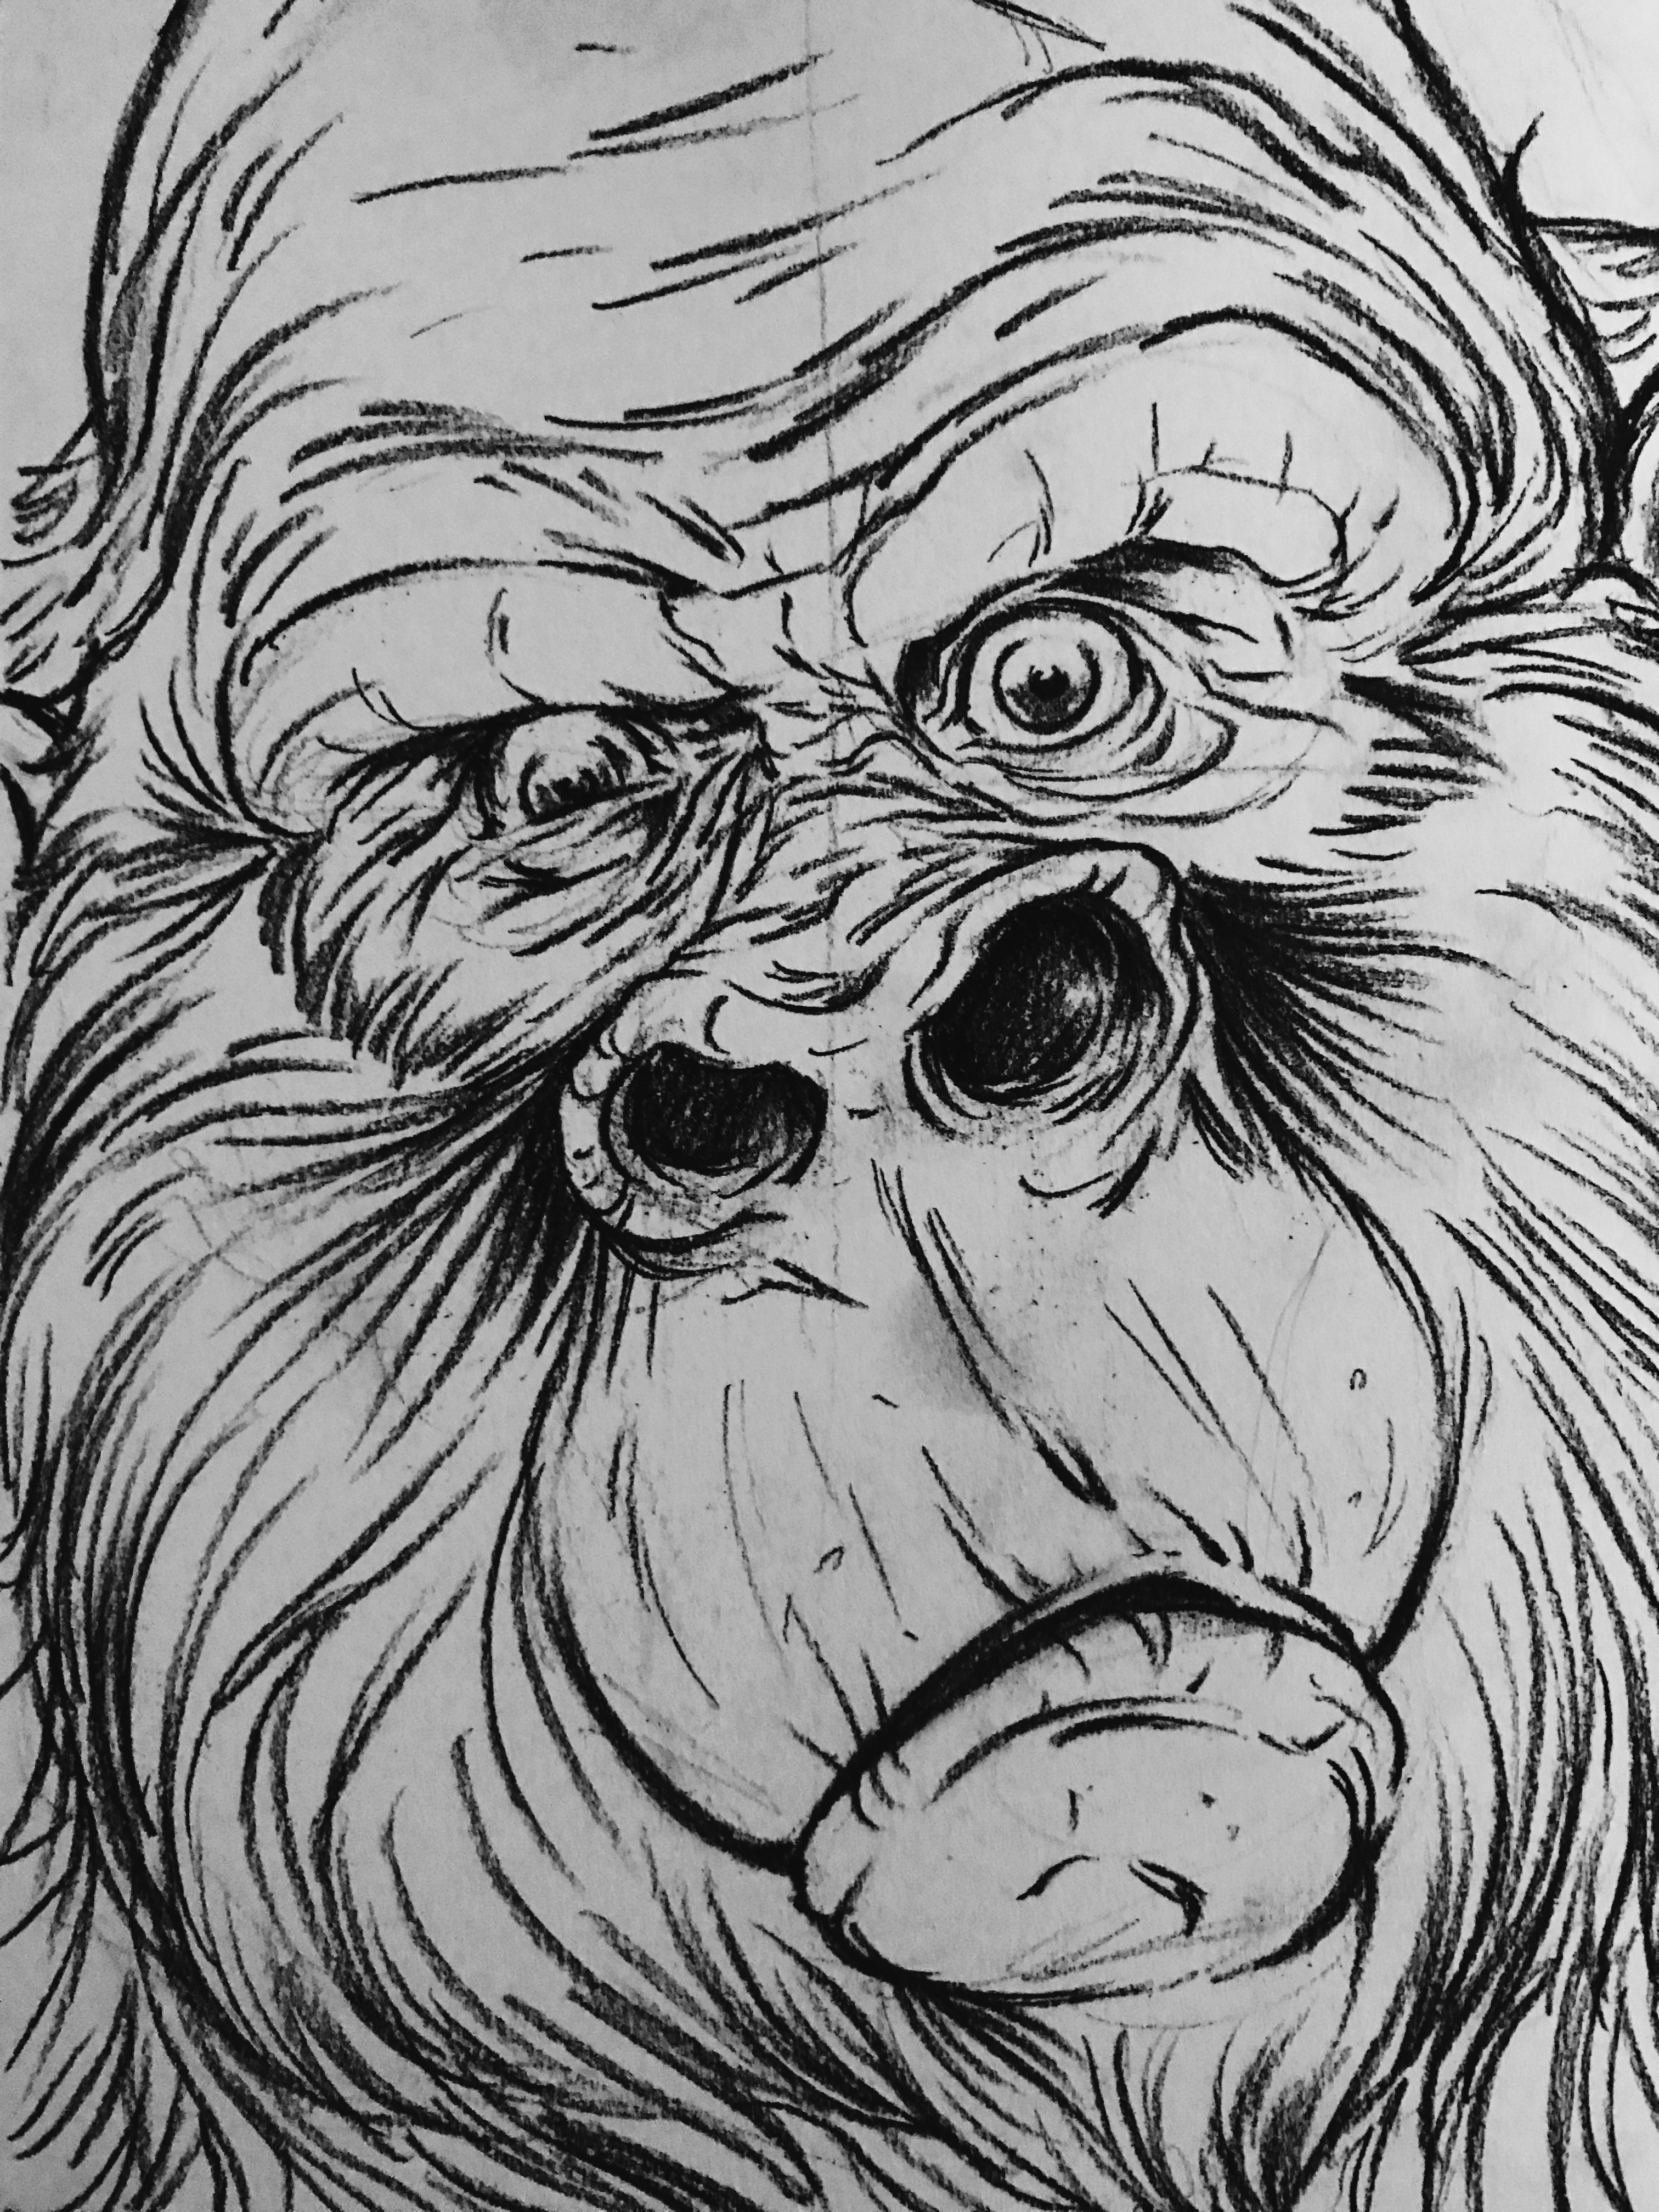 gorillasketch